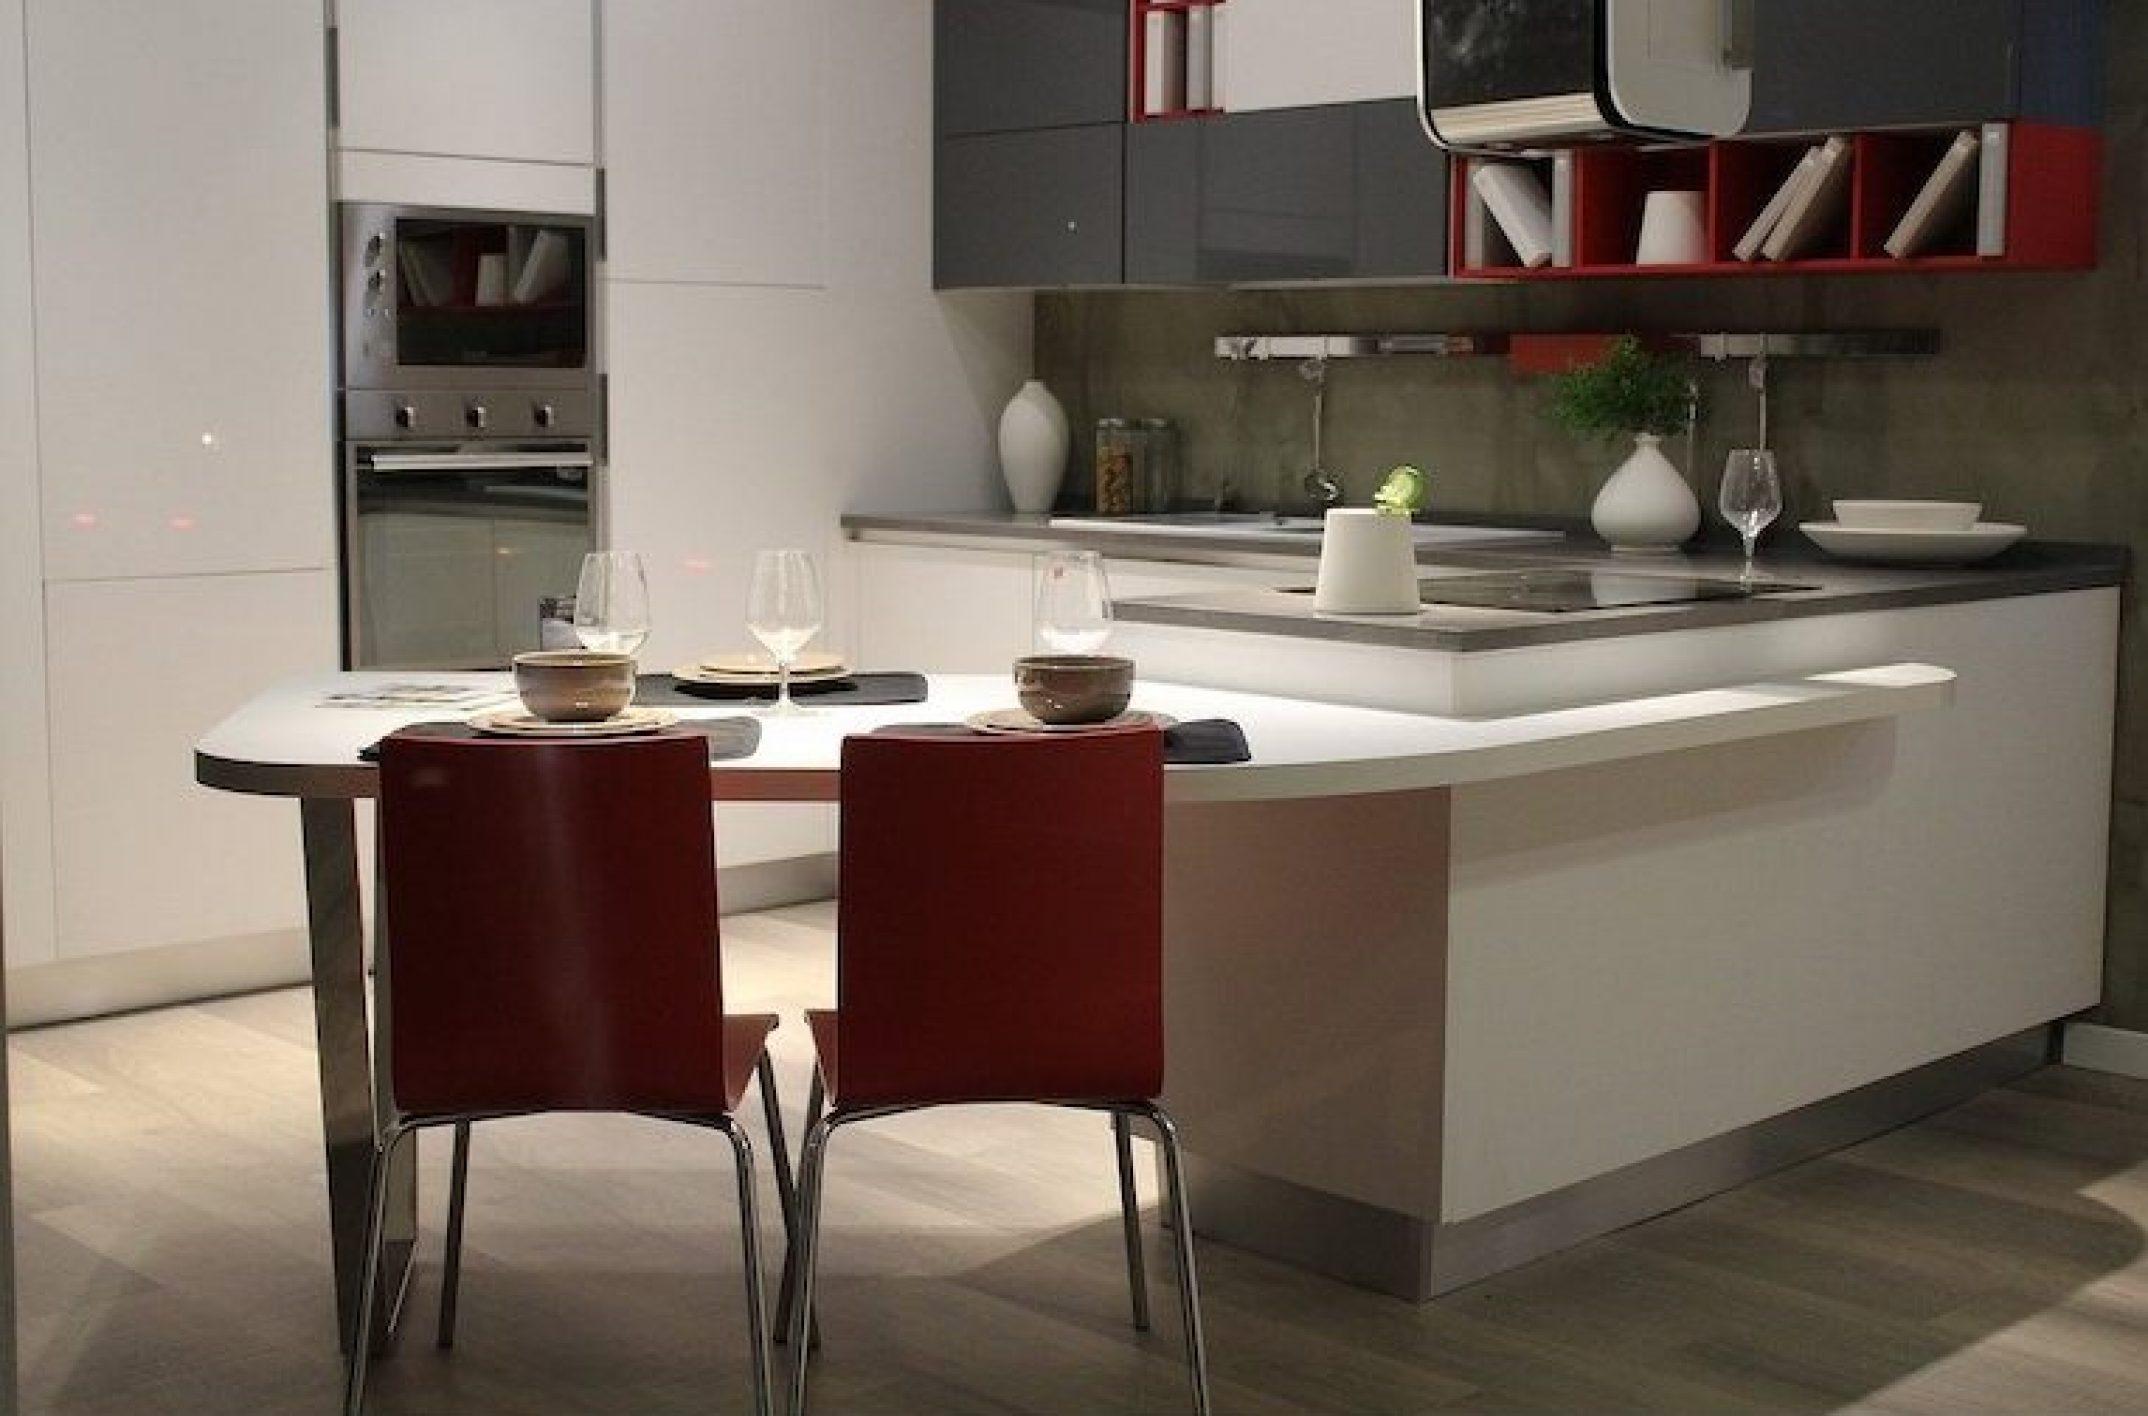 Comment bien choisir la couleur de sa cuisine ? Nos conseils pratiques